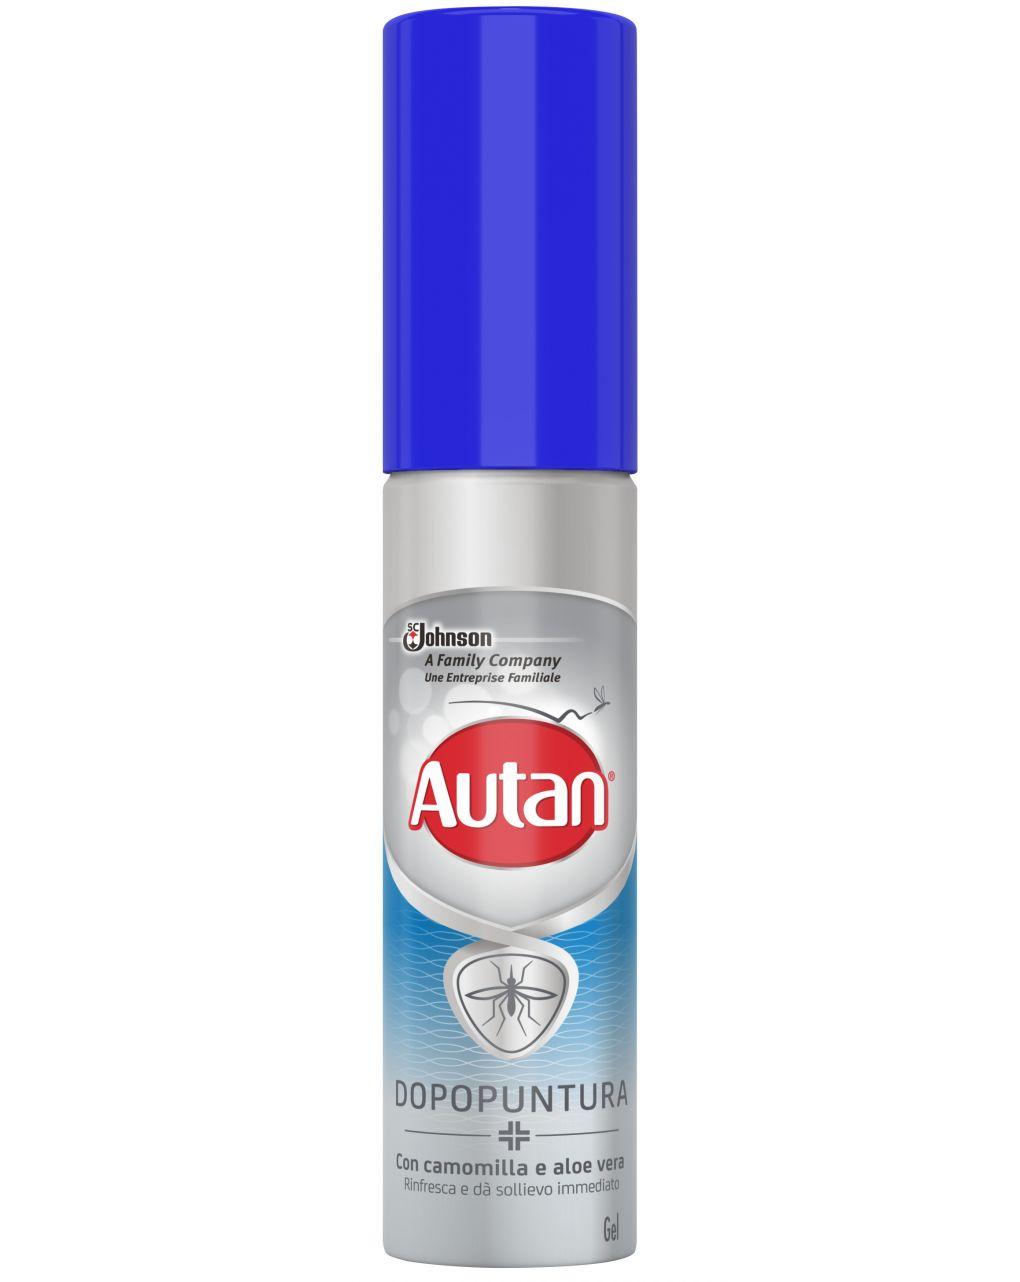 Dopopuntura autan 25 ml - Autan